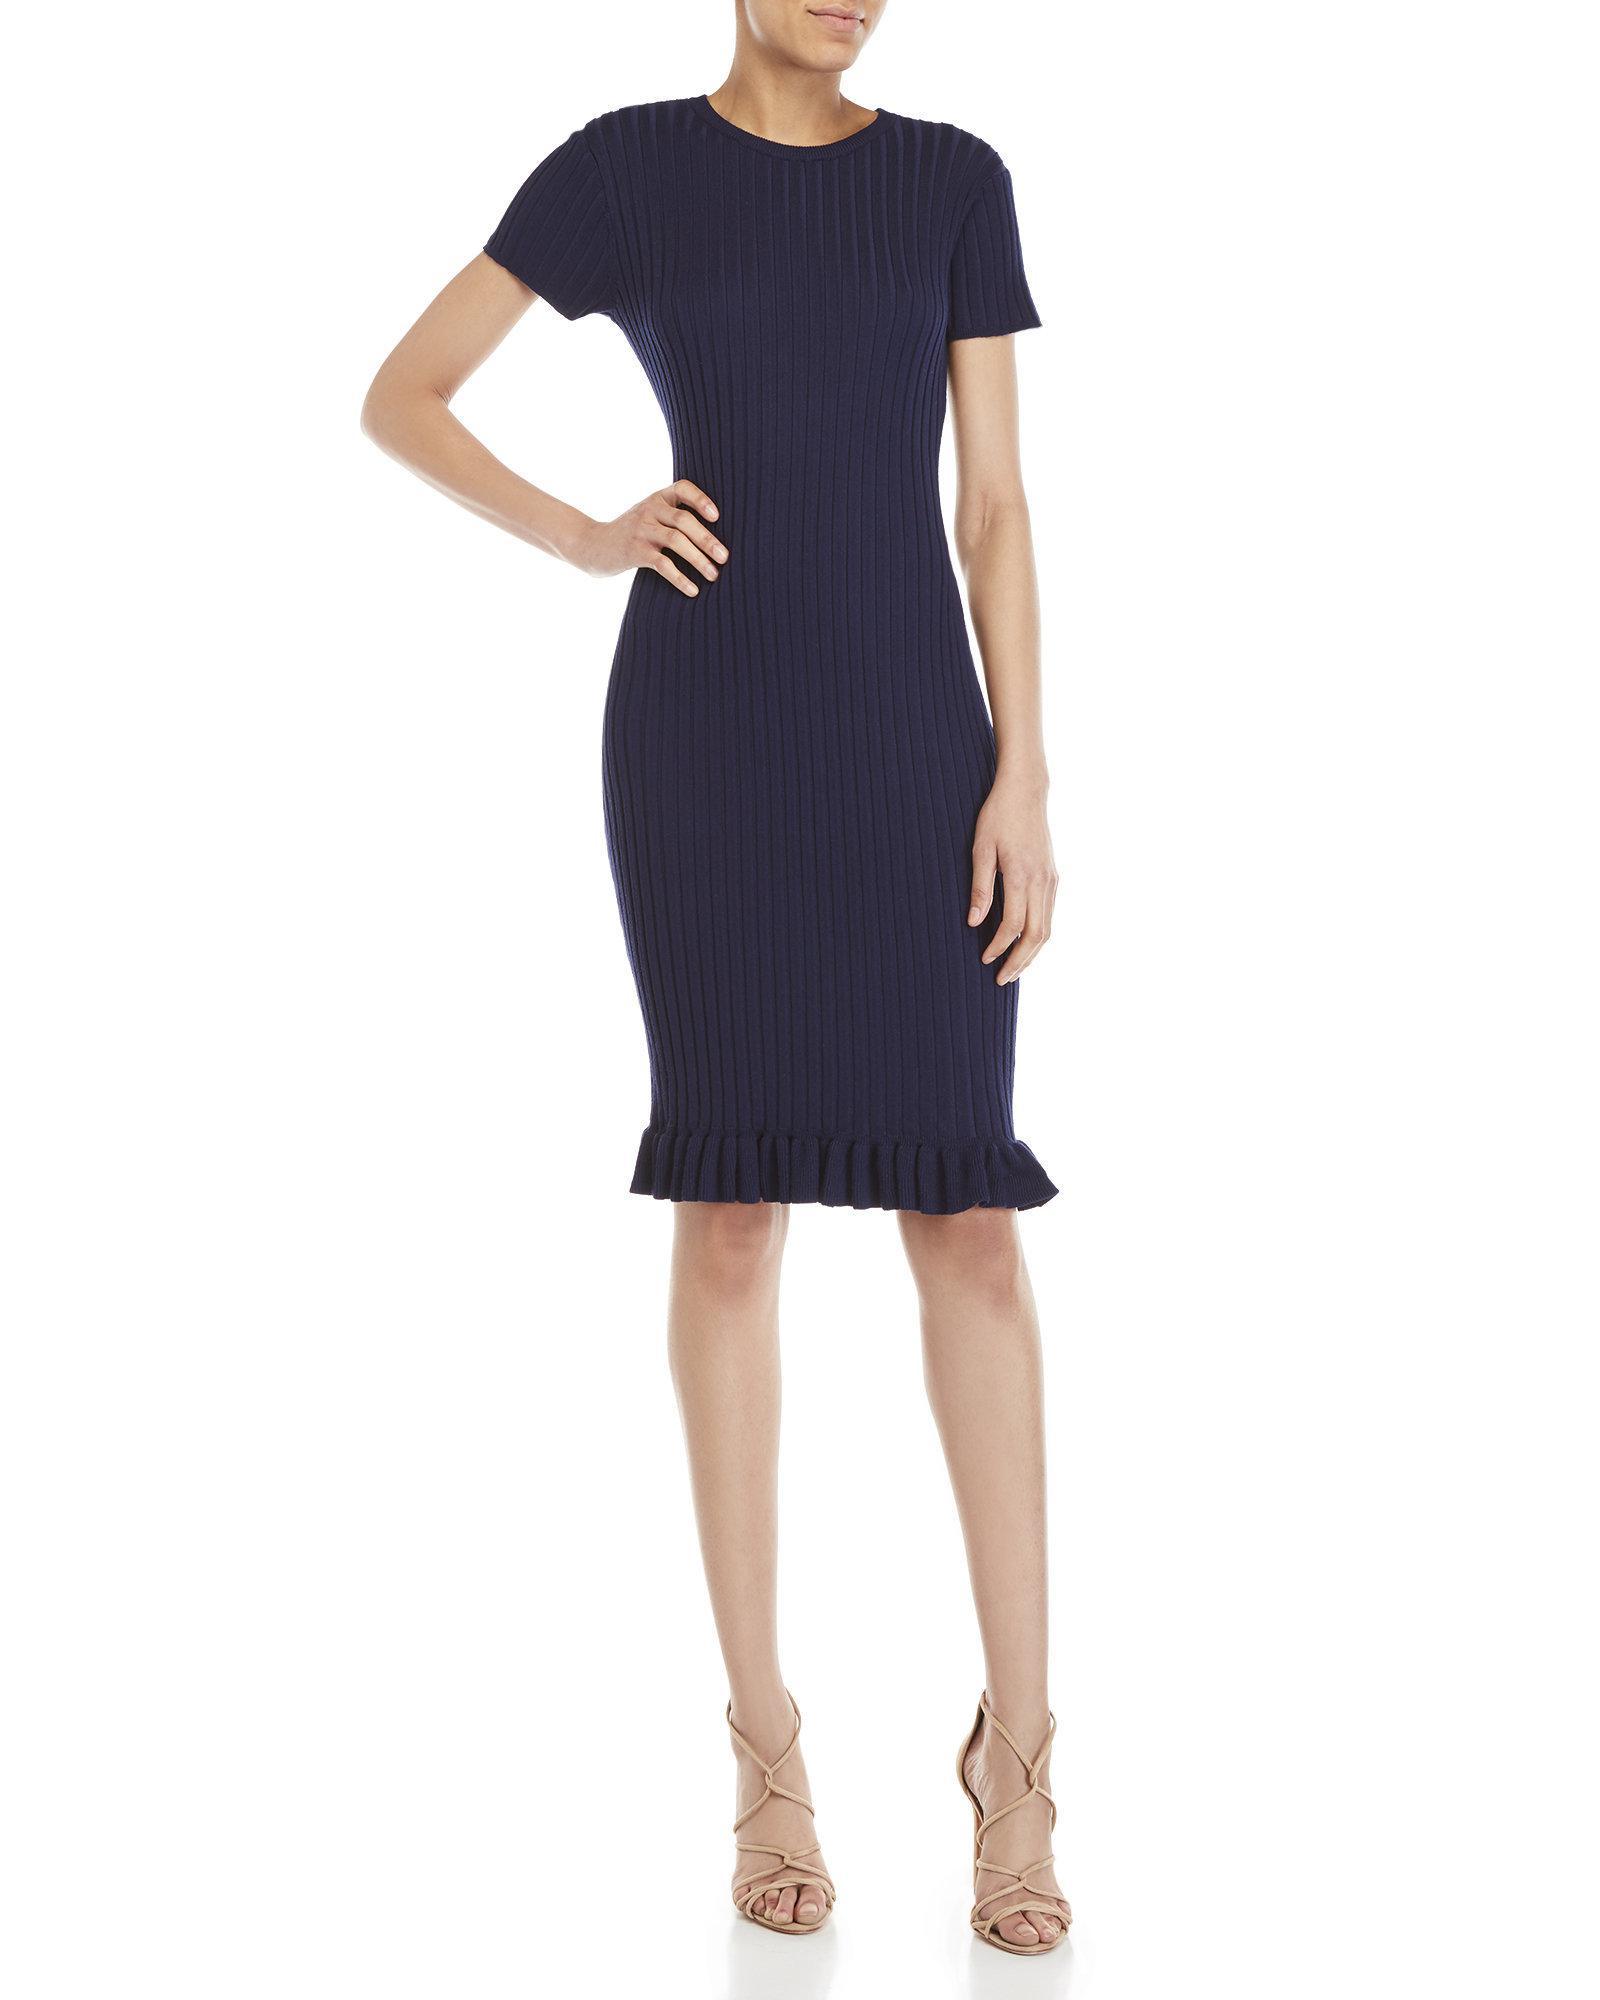 a786d1f384f Lyst - John + Jenn Judith Ribbed Ruffle Trim Dress in Blue